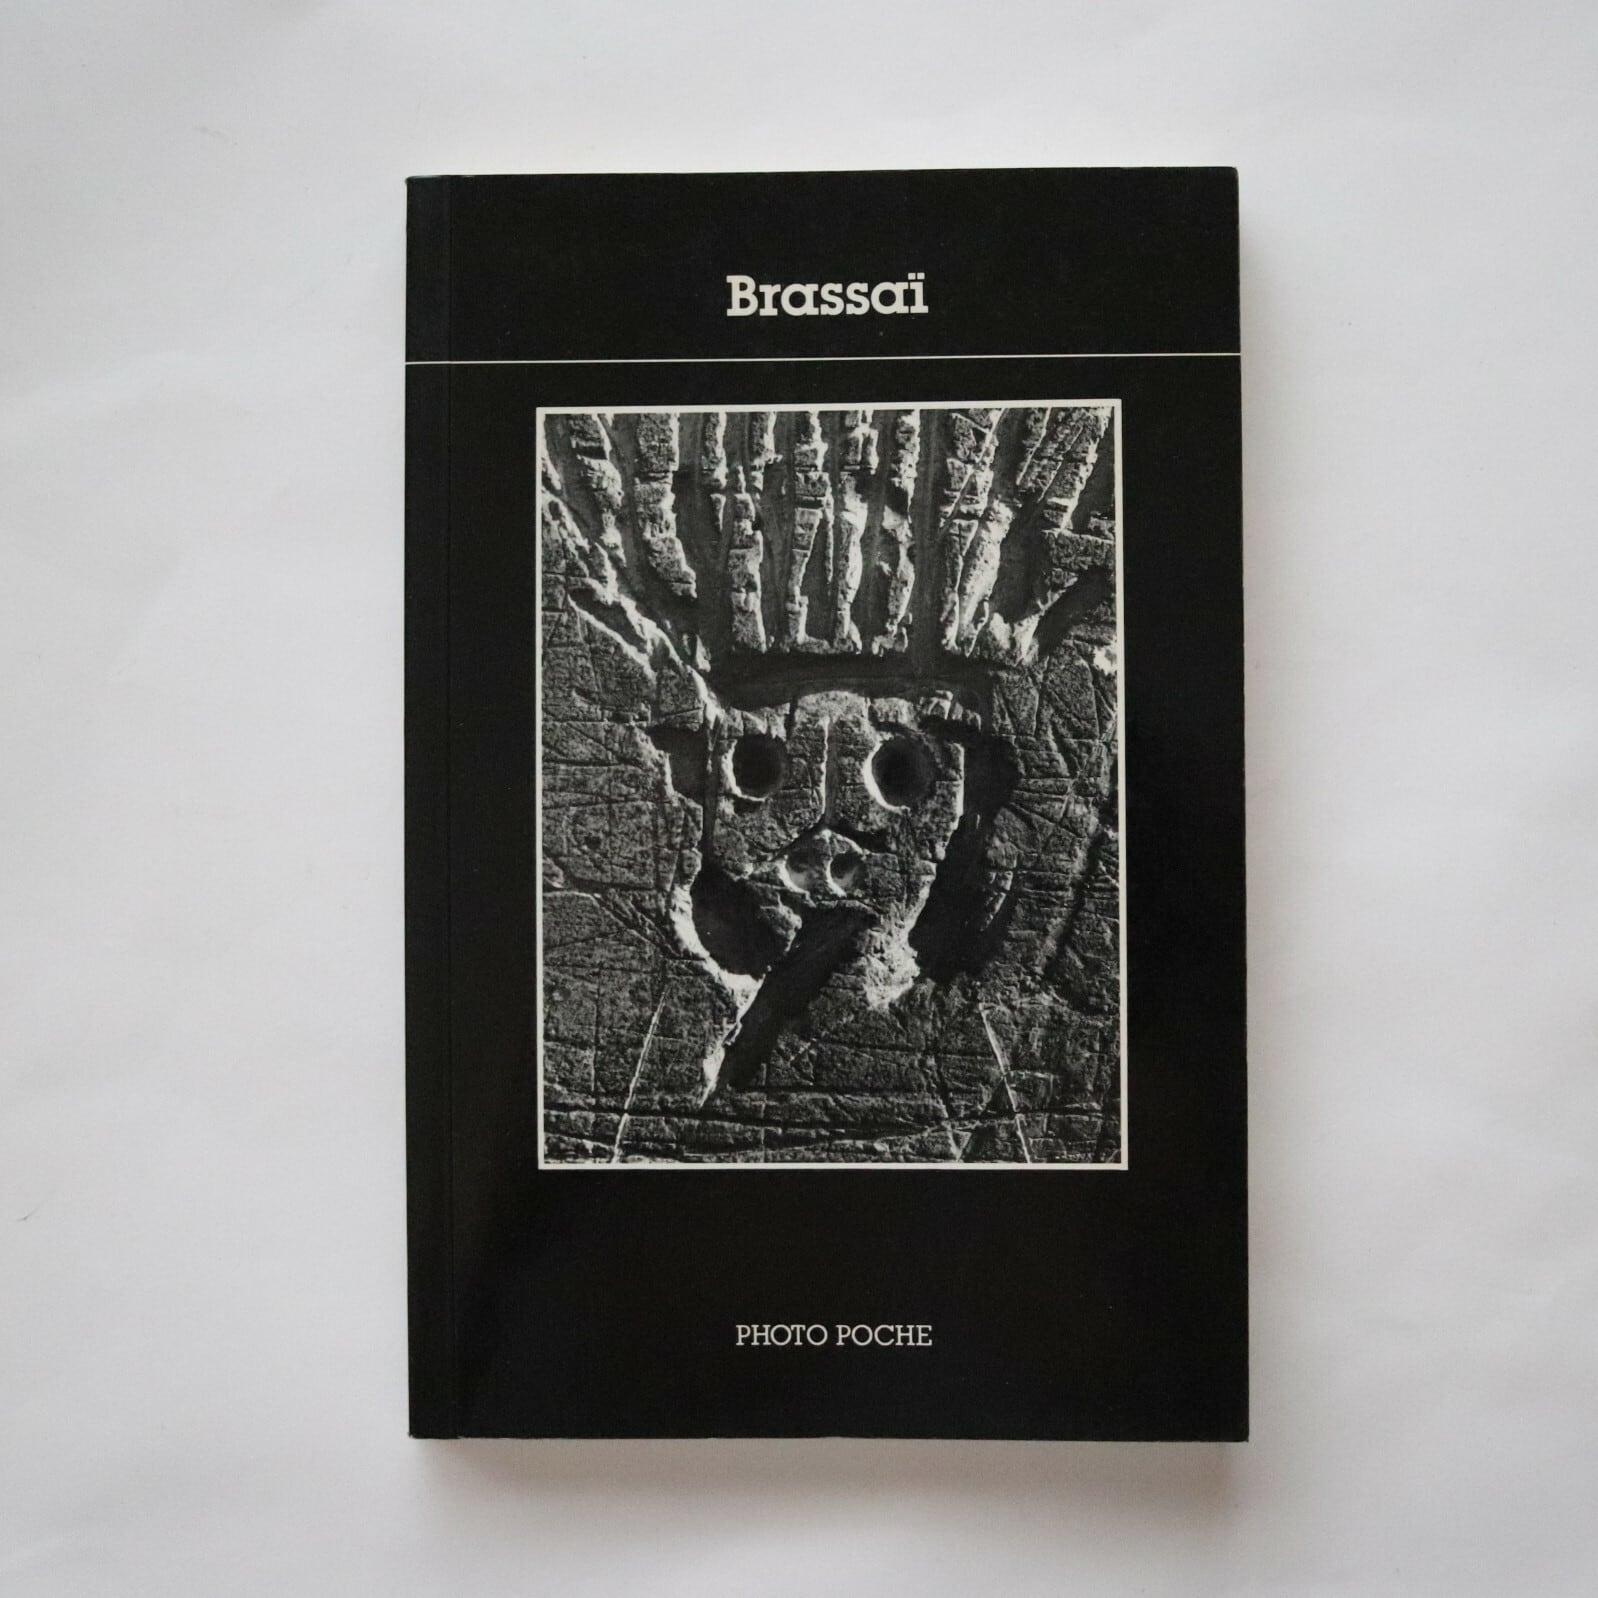 PHOTO POCHE 28 Brassai / ブラッサイ